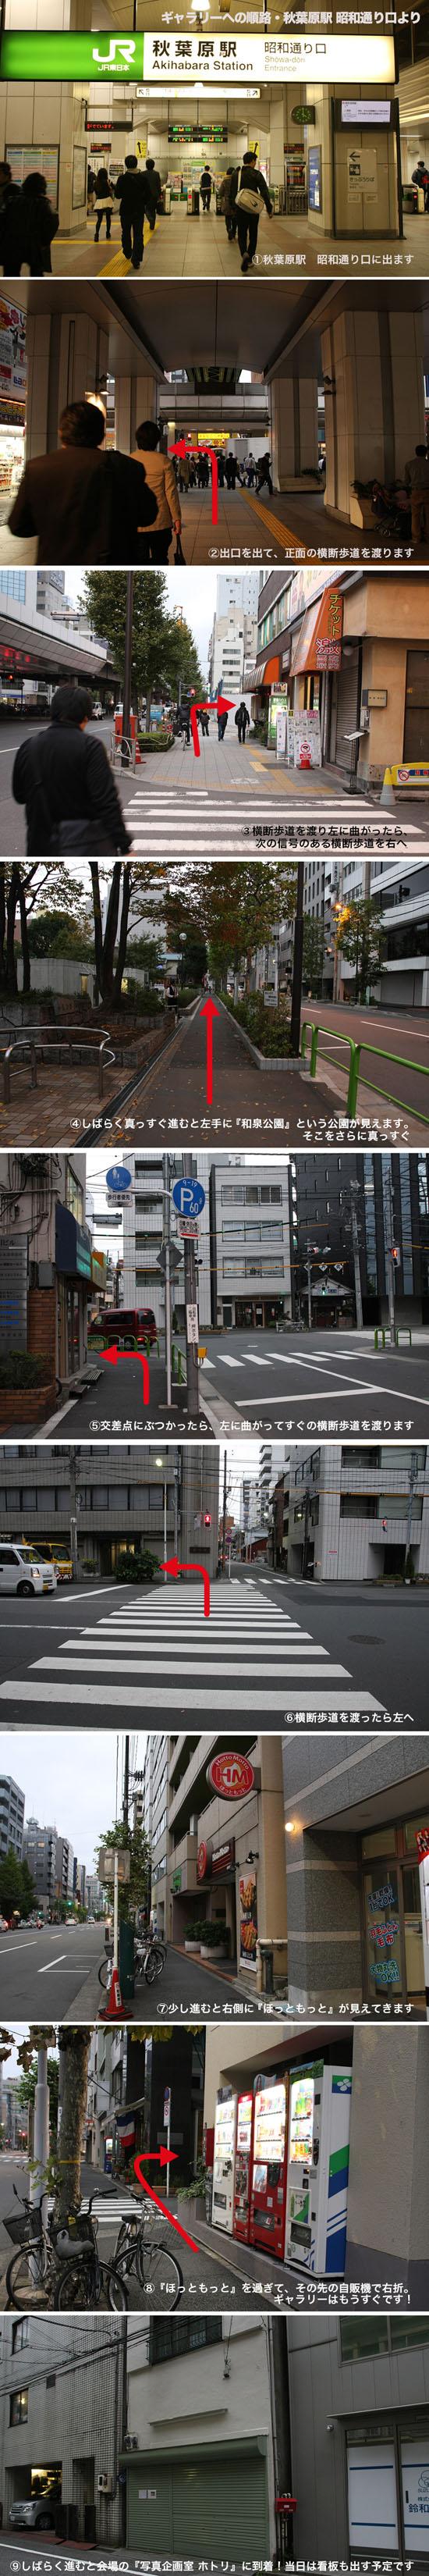 1_5256d6bb.jpg